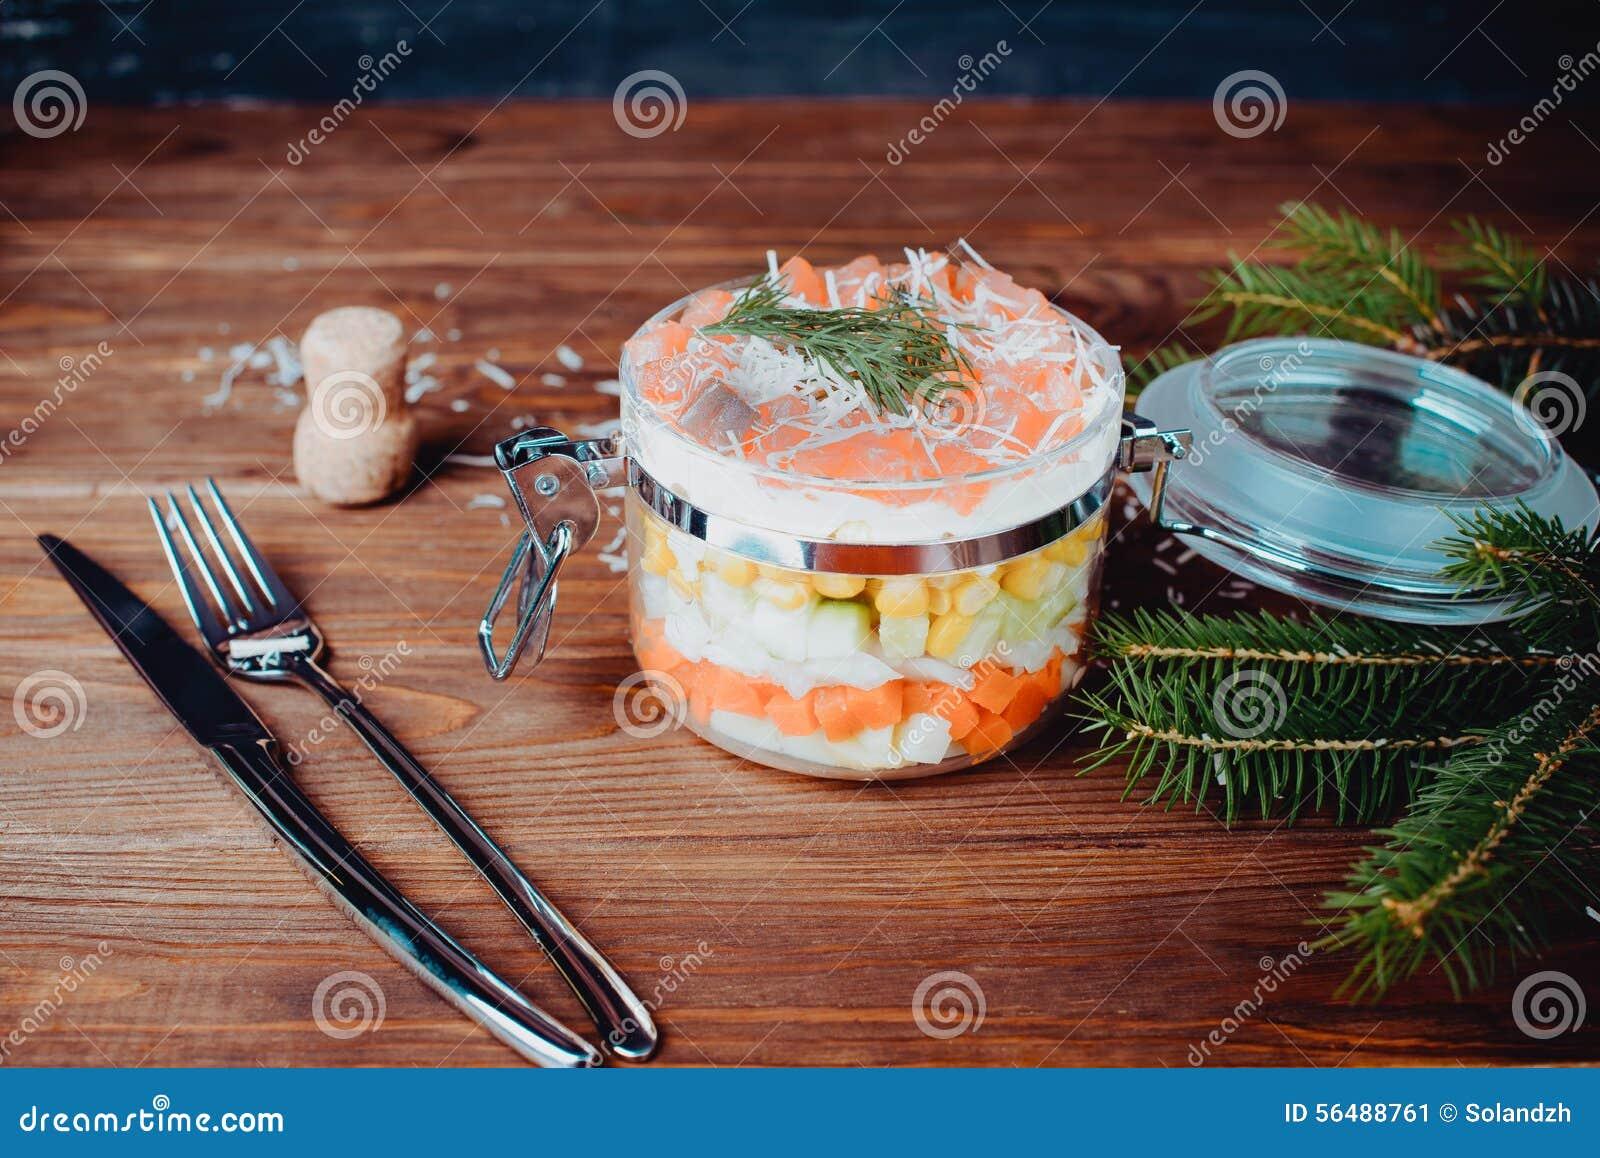 Salade saumonée sophistiquée avec le parmesan et fourchette sur un fond en bois